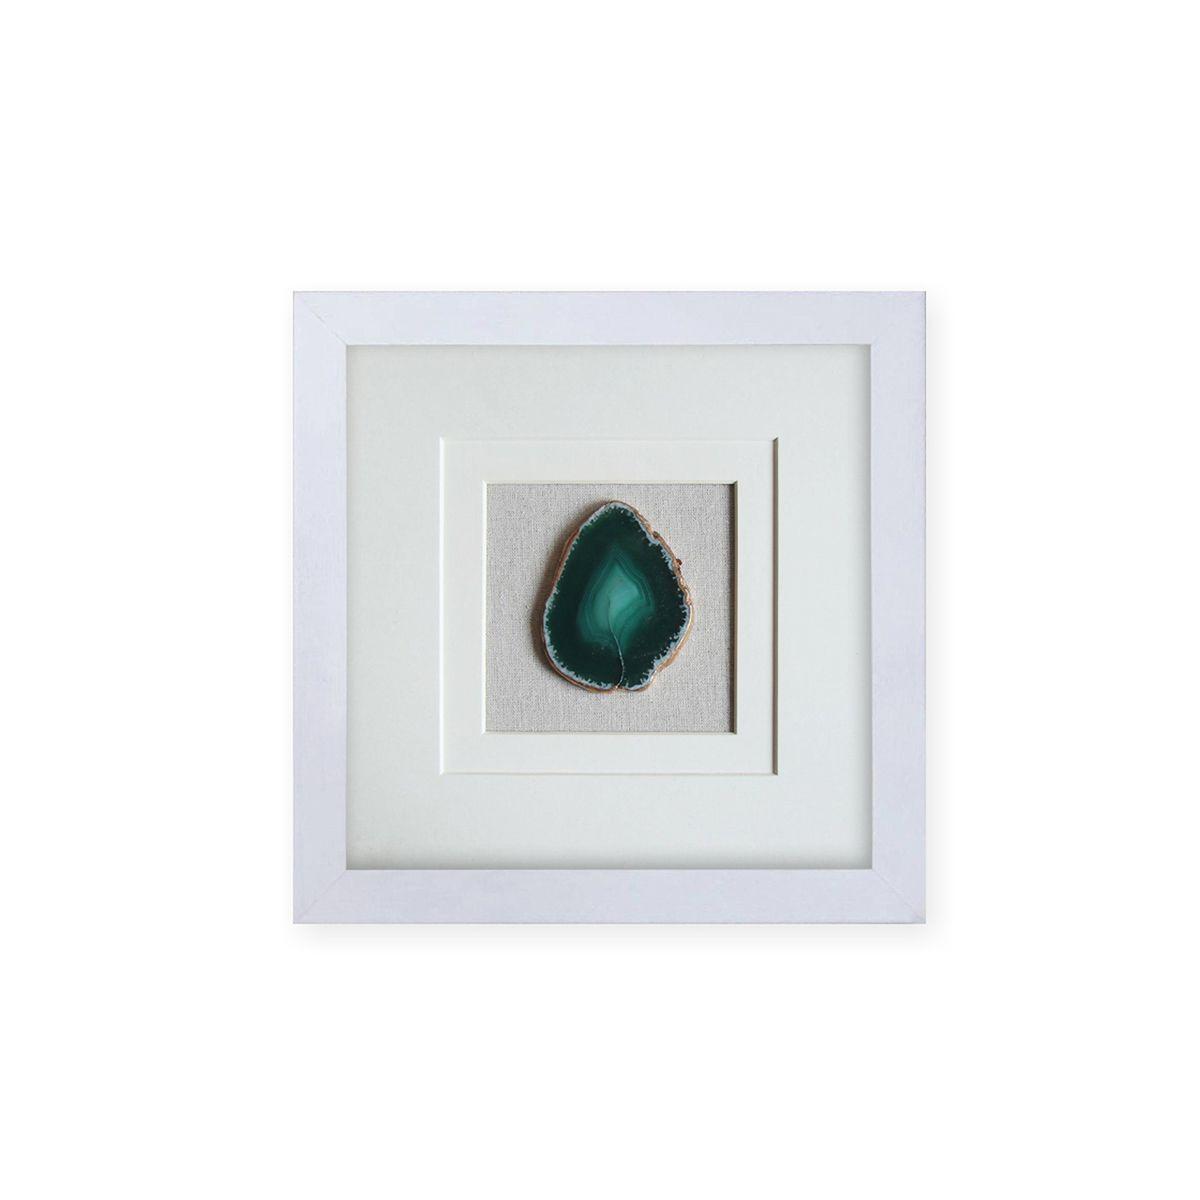 Quadro Decor Art Ágata Esmeralda 3D